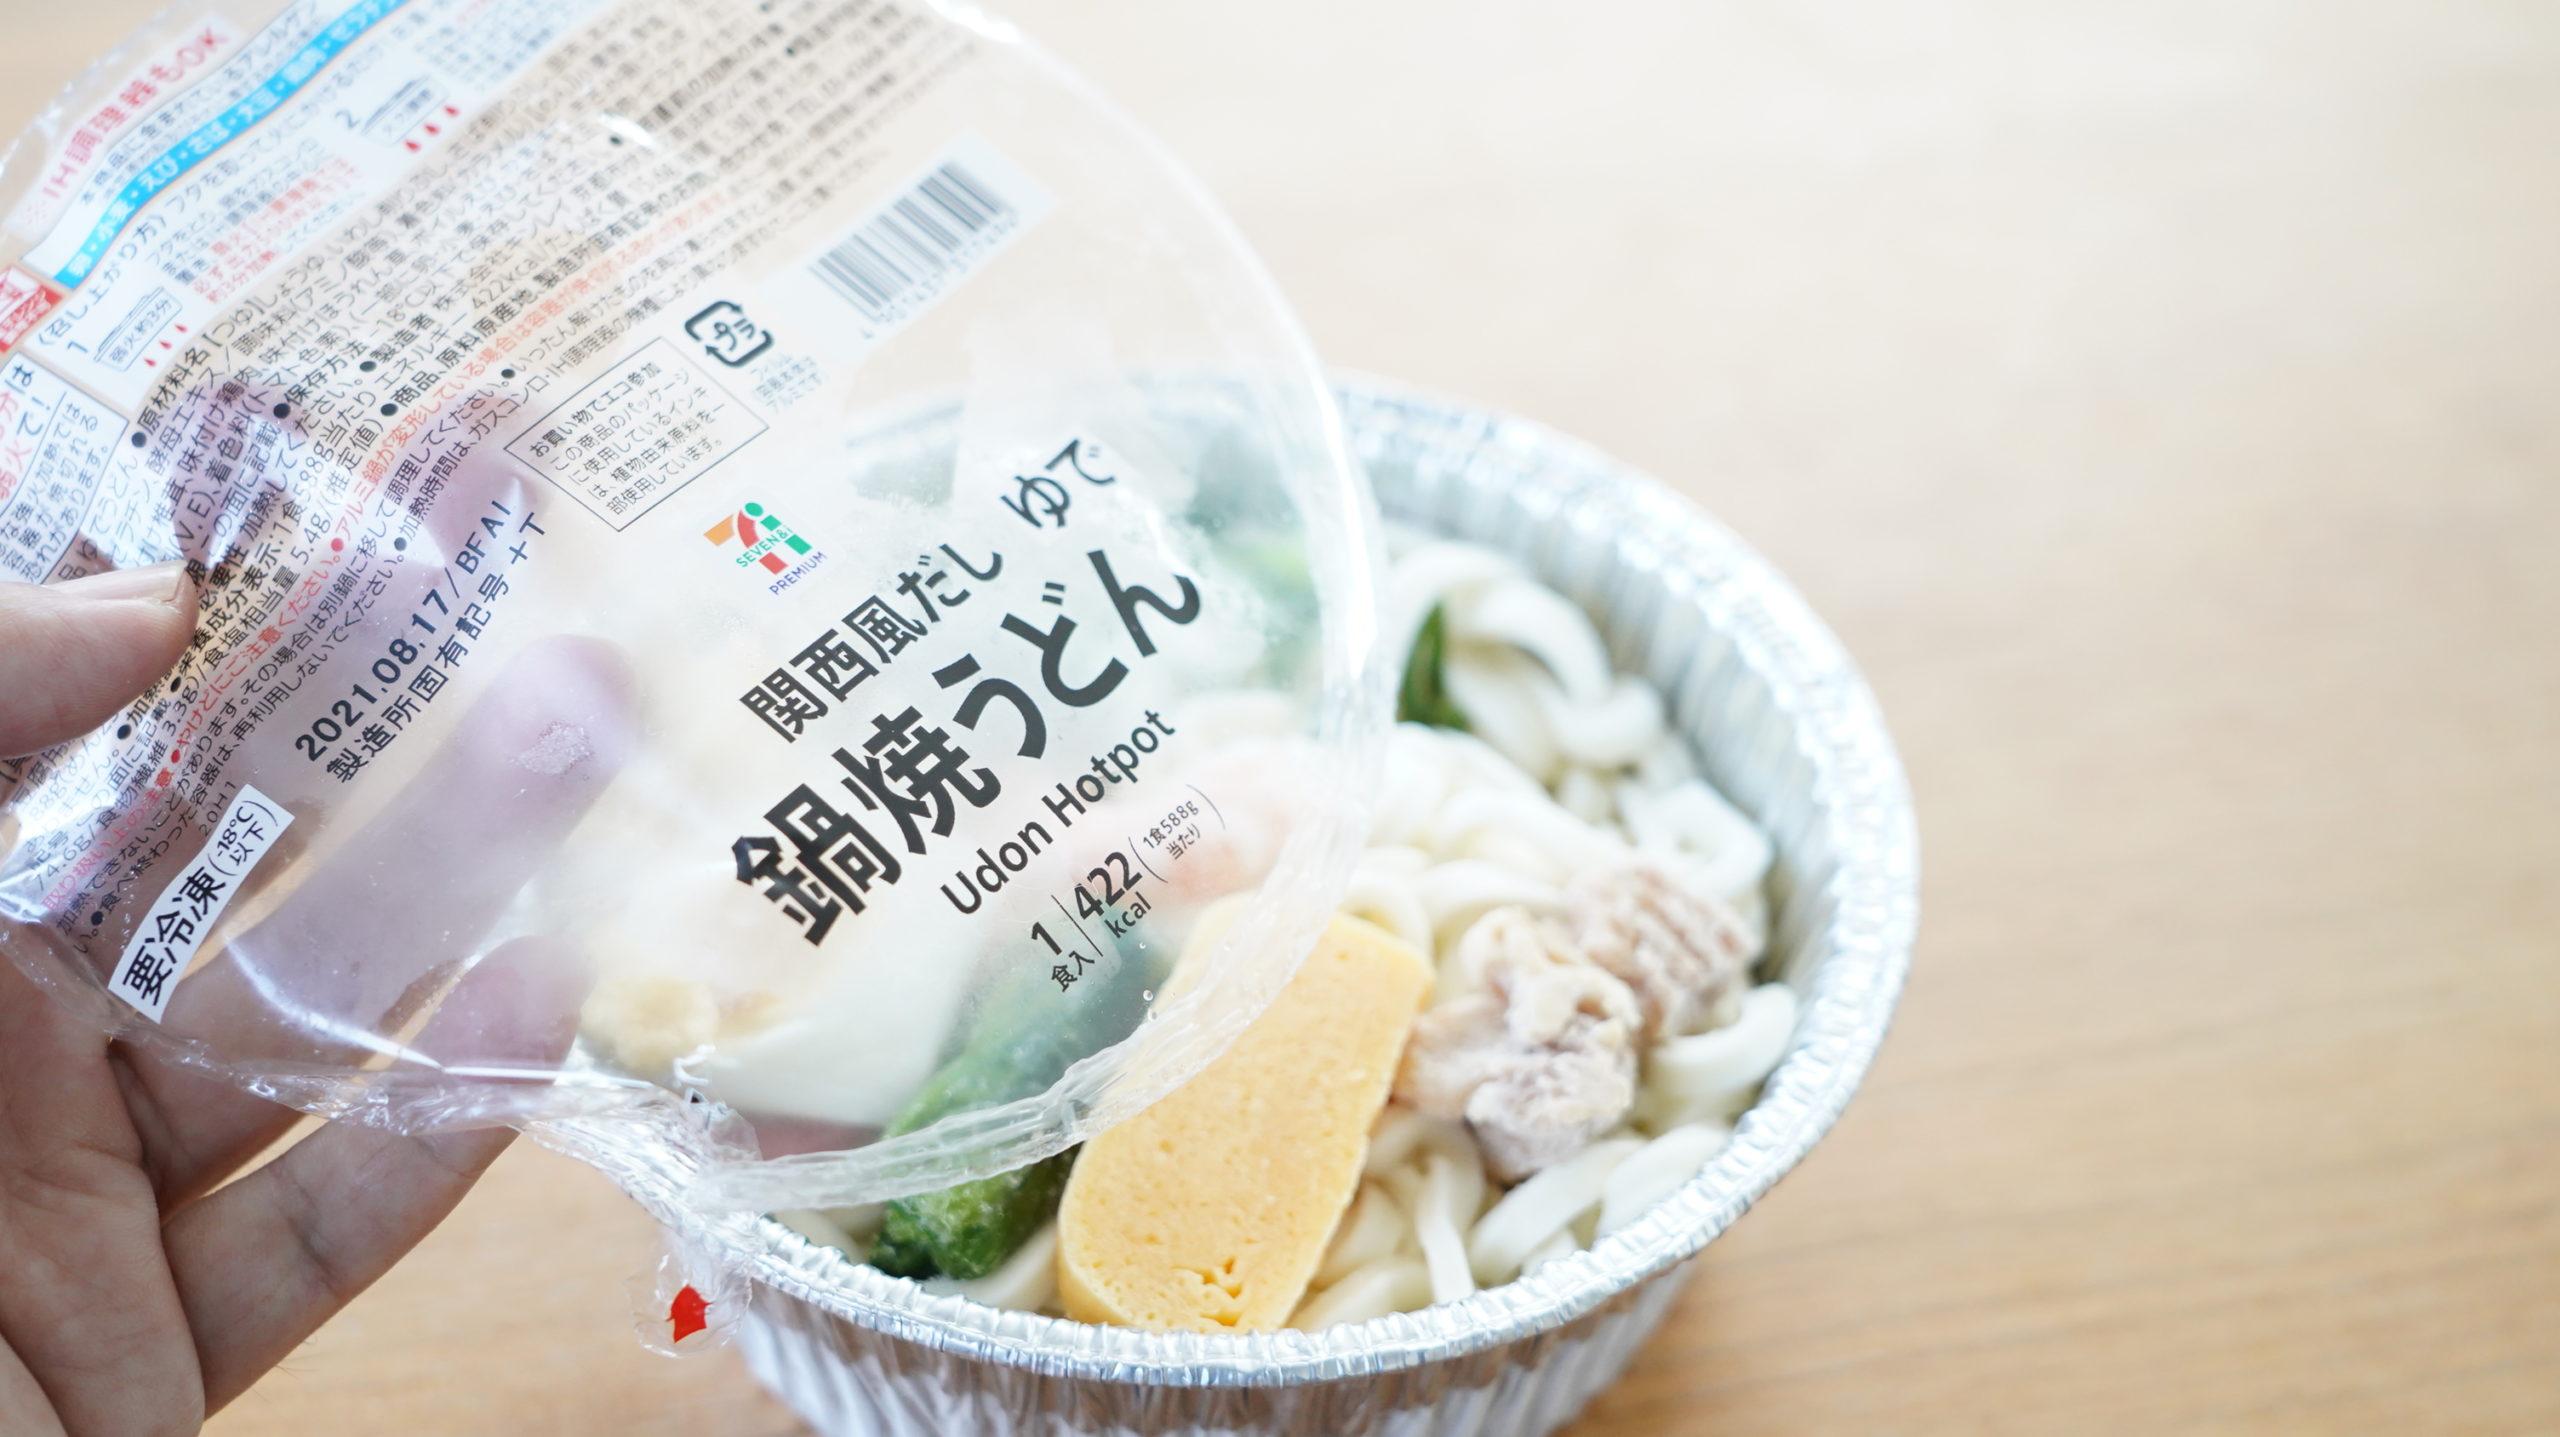 セブンイレブンの冷凍食品「関西風だし・鍋焼うどん」のフィルムを剥がした写真